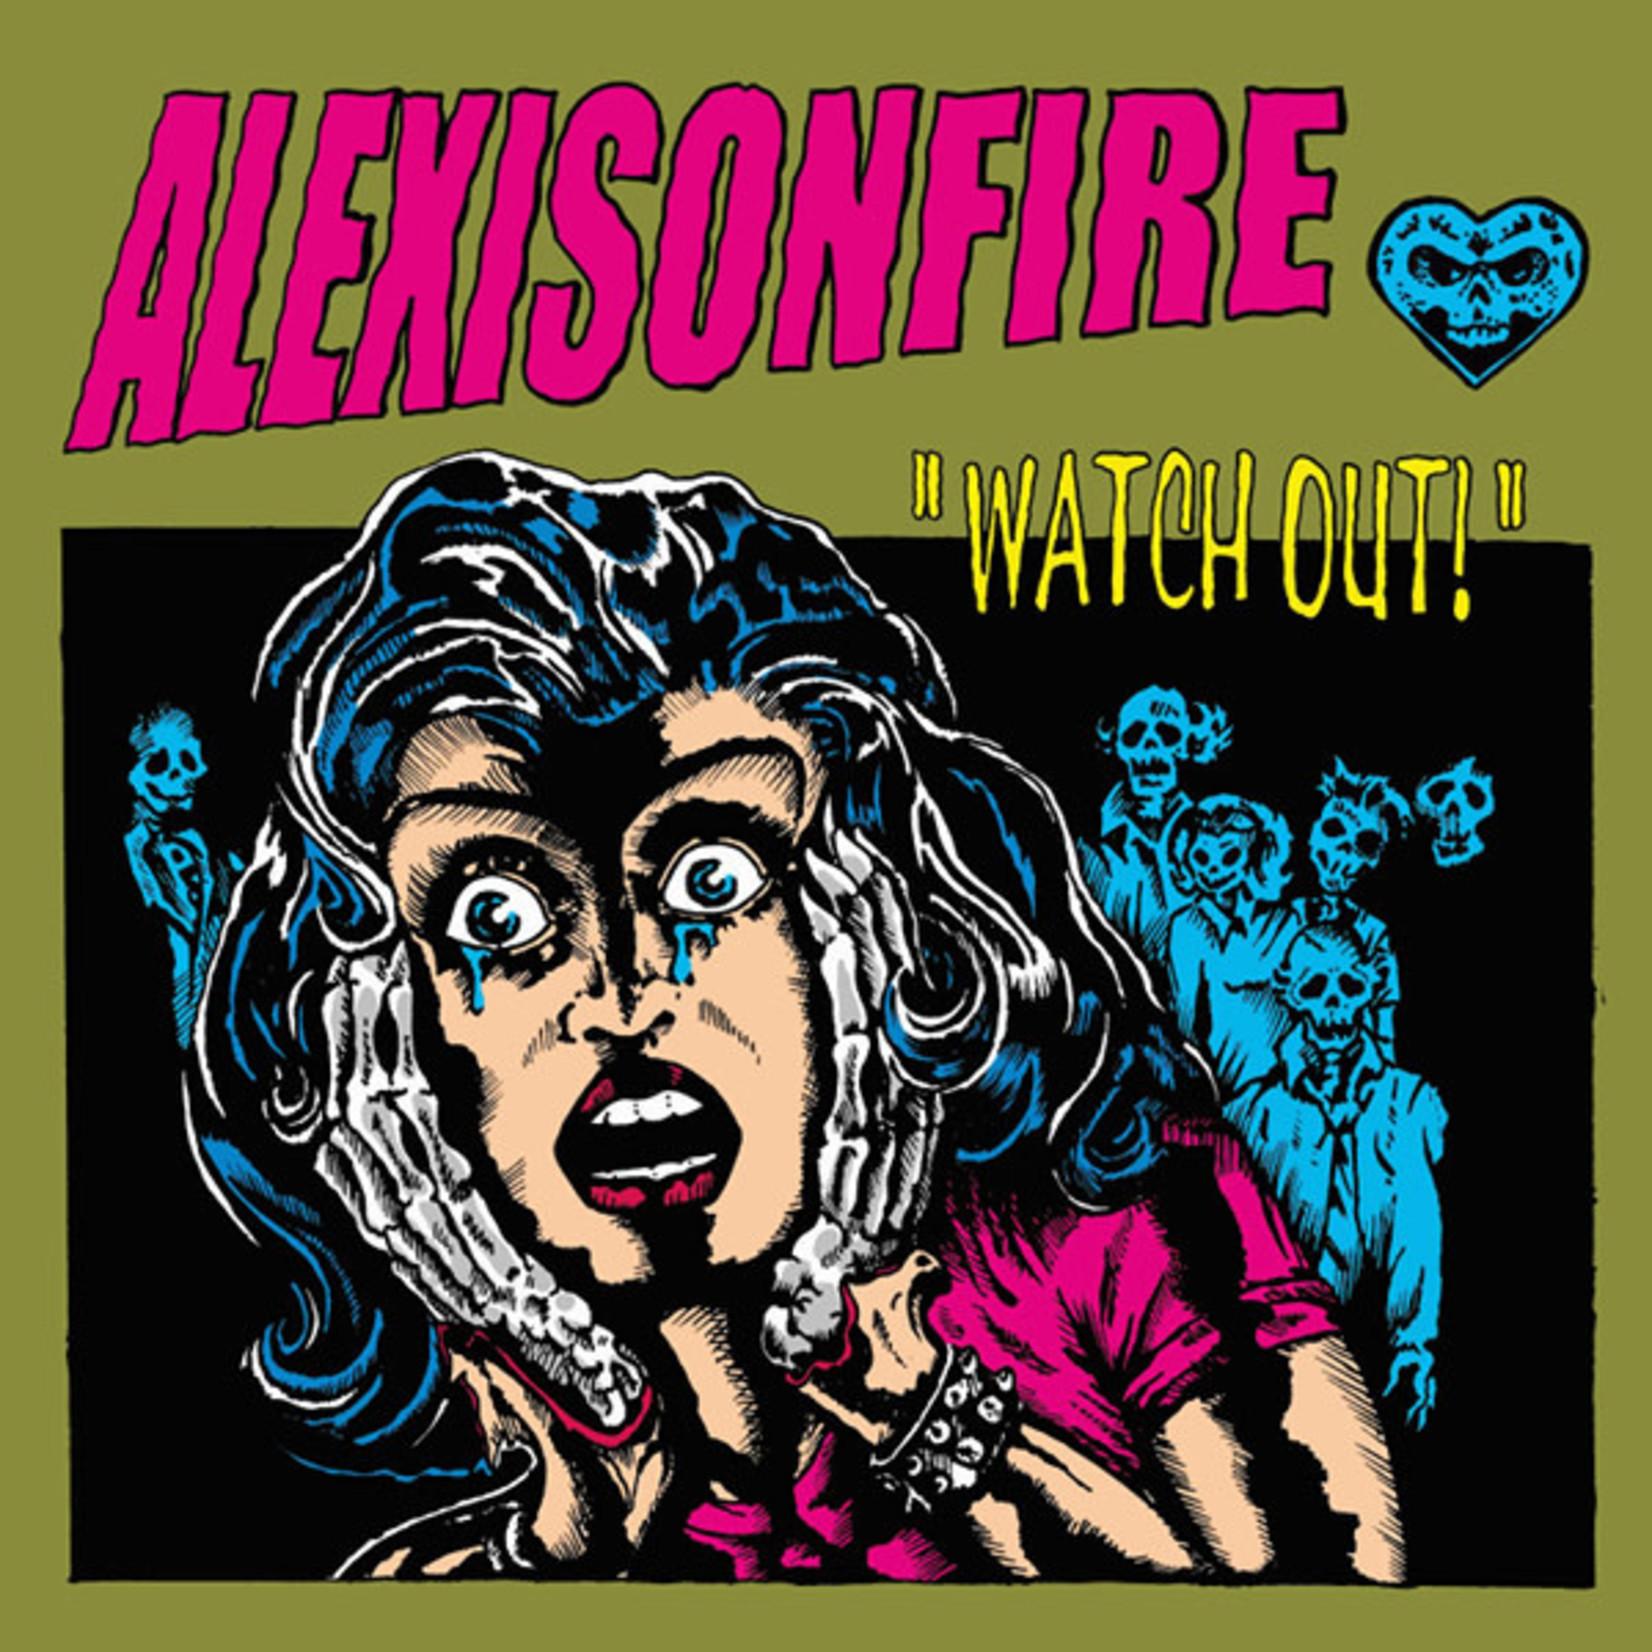 Vinyl Alexisonfire - Watchout!